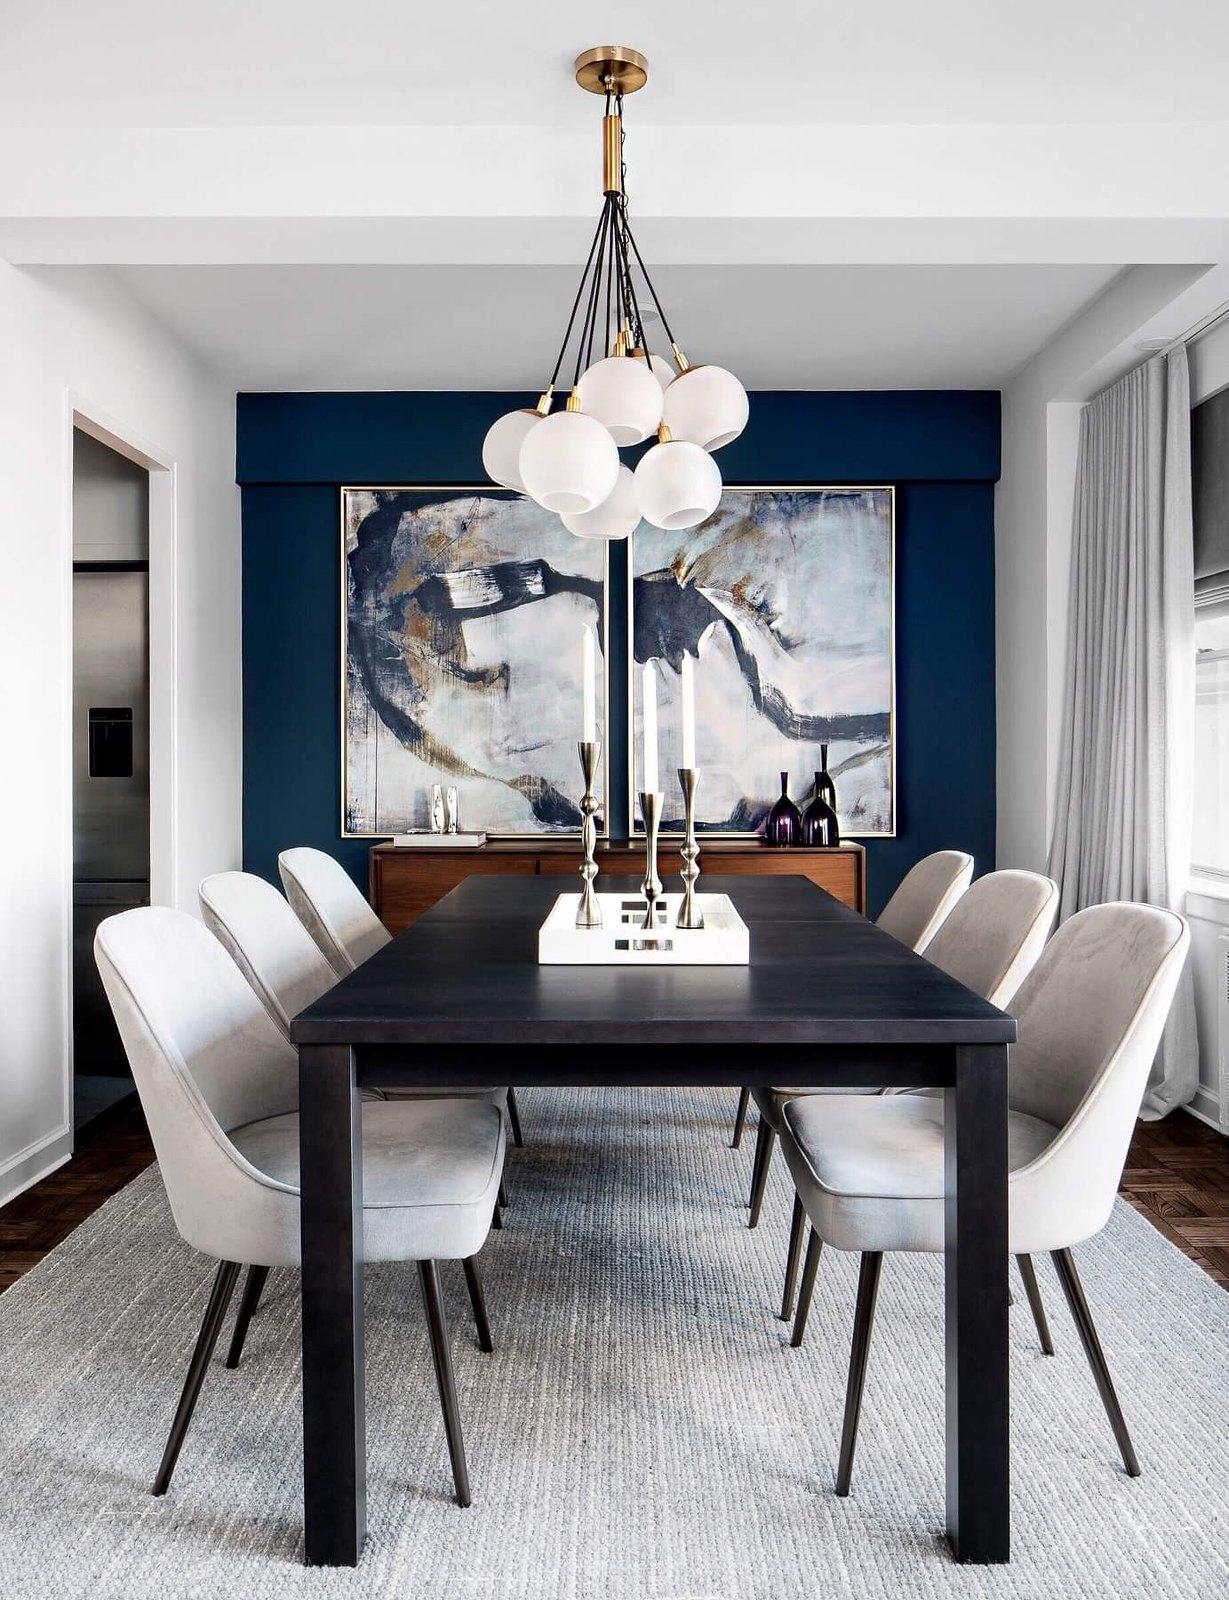 Clean Modern Home Decor | Classic Blue Wall Paint | Light Gray Velvet Chairs | Velvet Dining Room Chairs | Velvet Dining Chairs | Dining Room Inspiration | Dining Room Ideas | Dining Room Decor | Globe Cluster Chandelier Light Fixture